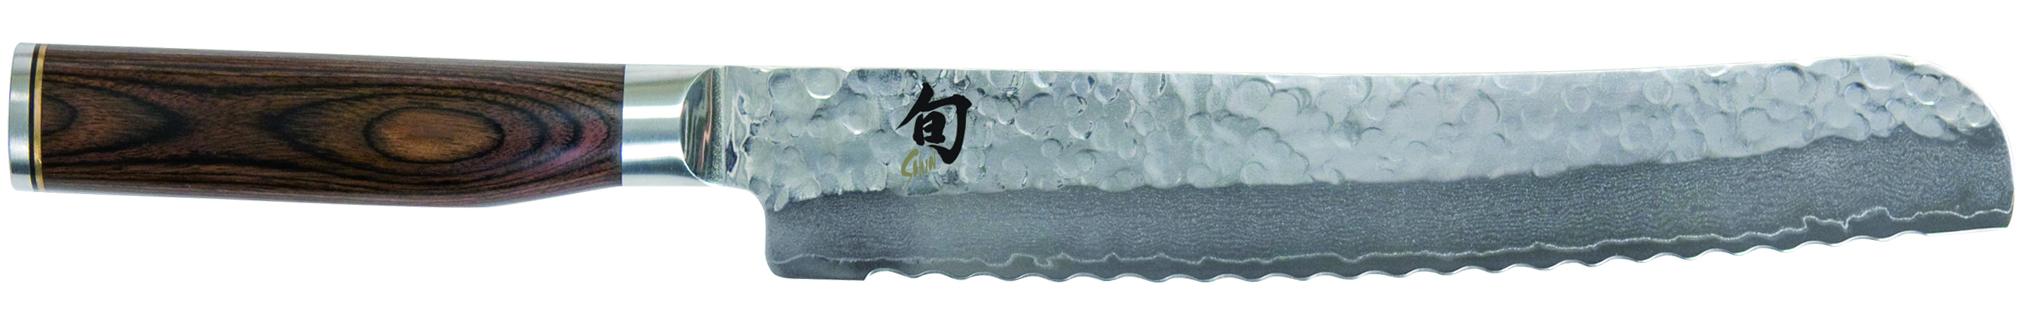 Japonský damaškový kuchynský nôž na chlieb Tim Mälzer TDM-1705